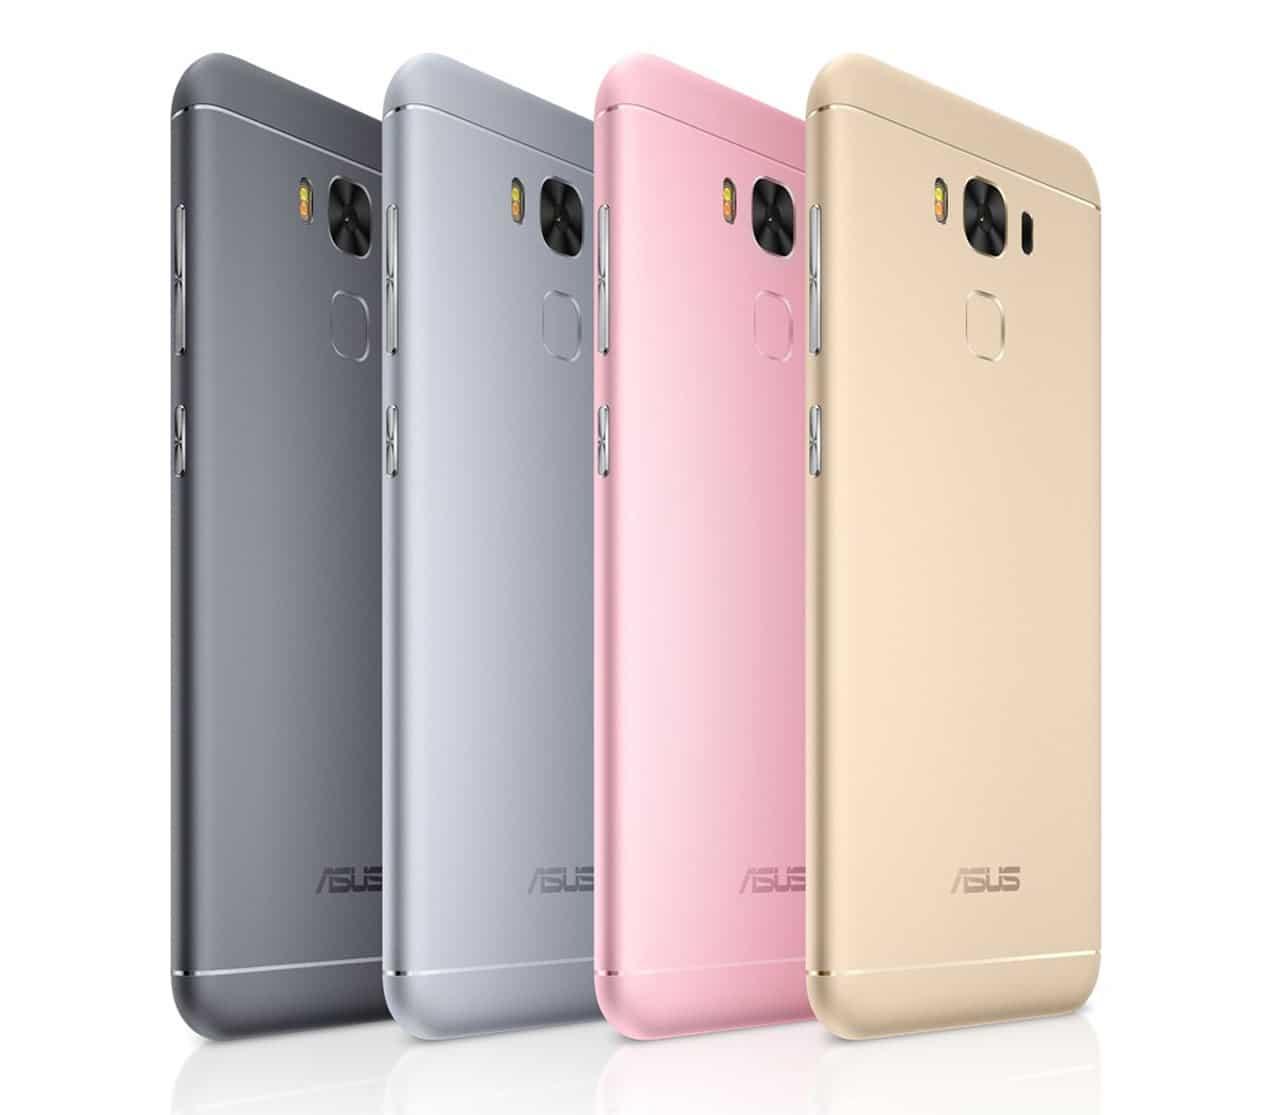 ASUS ZenFone 3 Max 5.5 colors